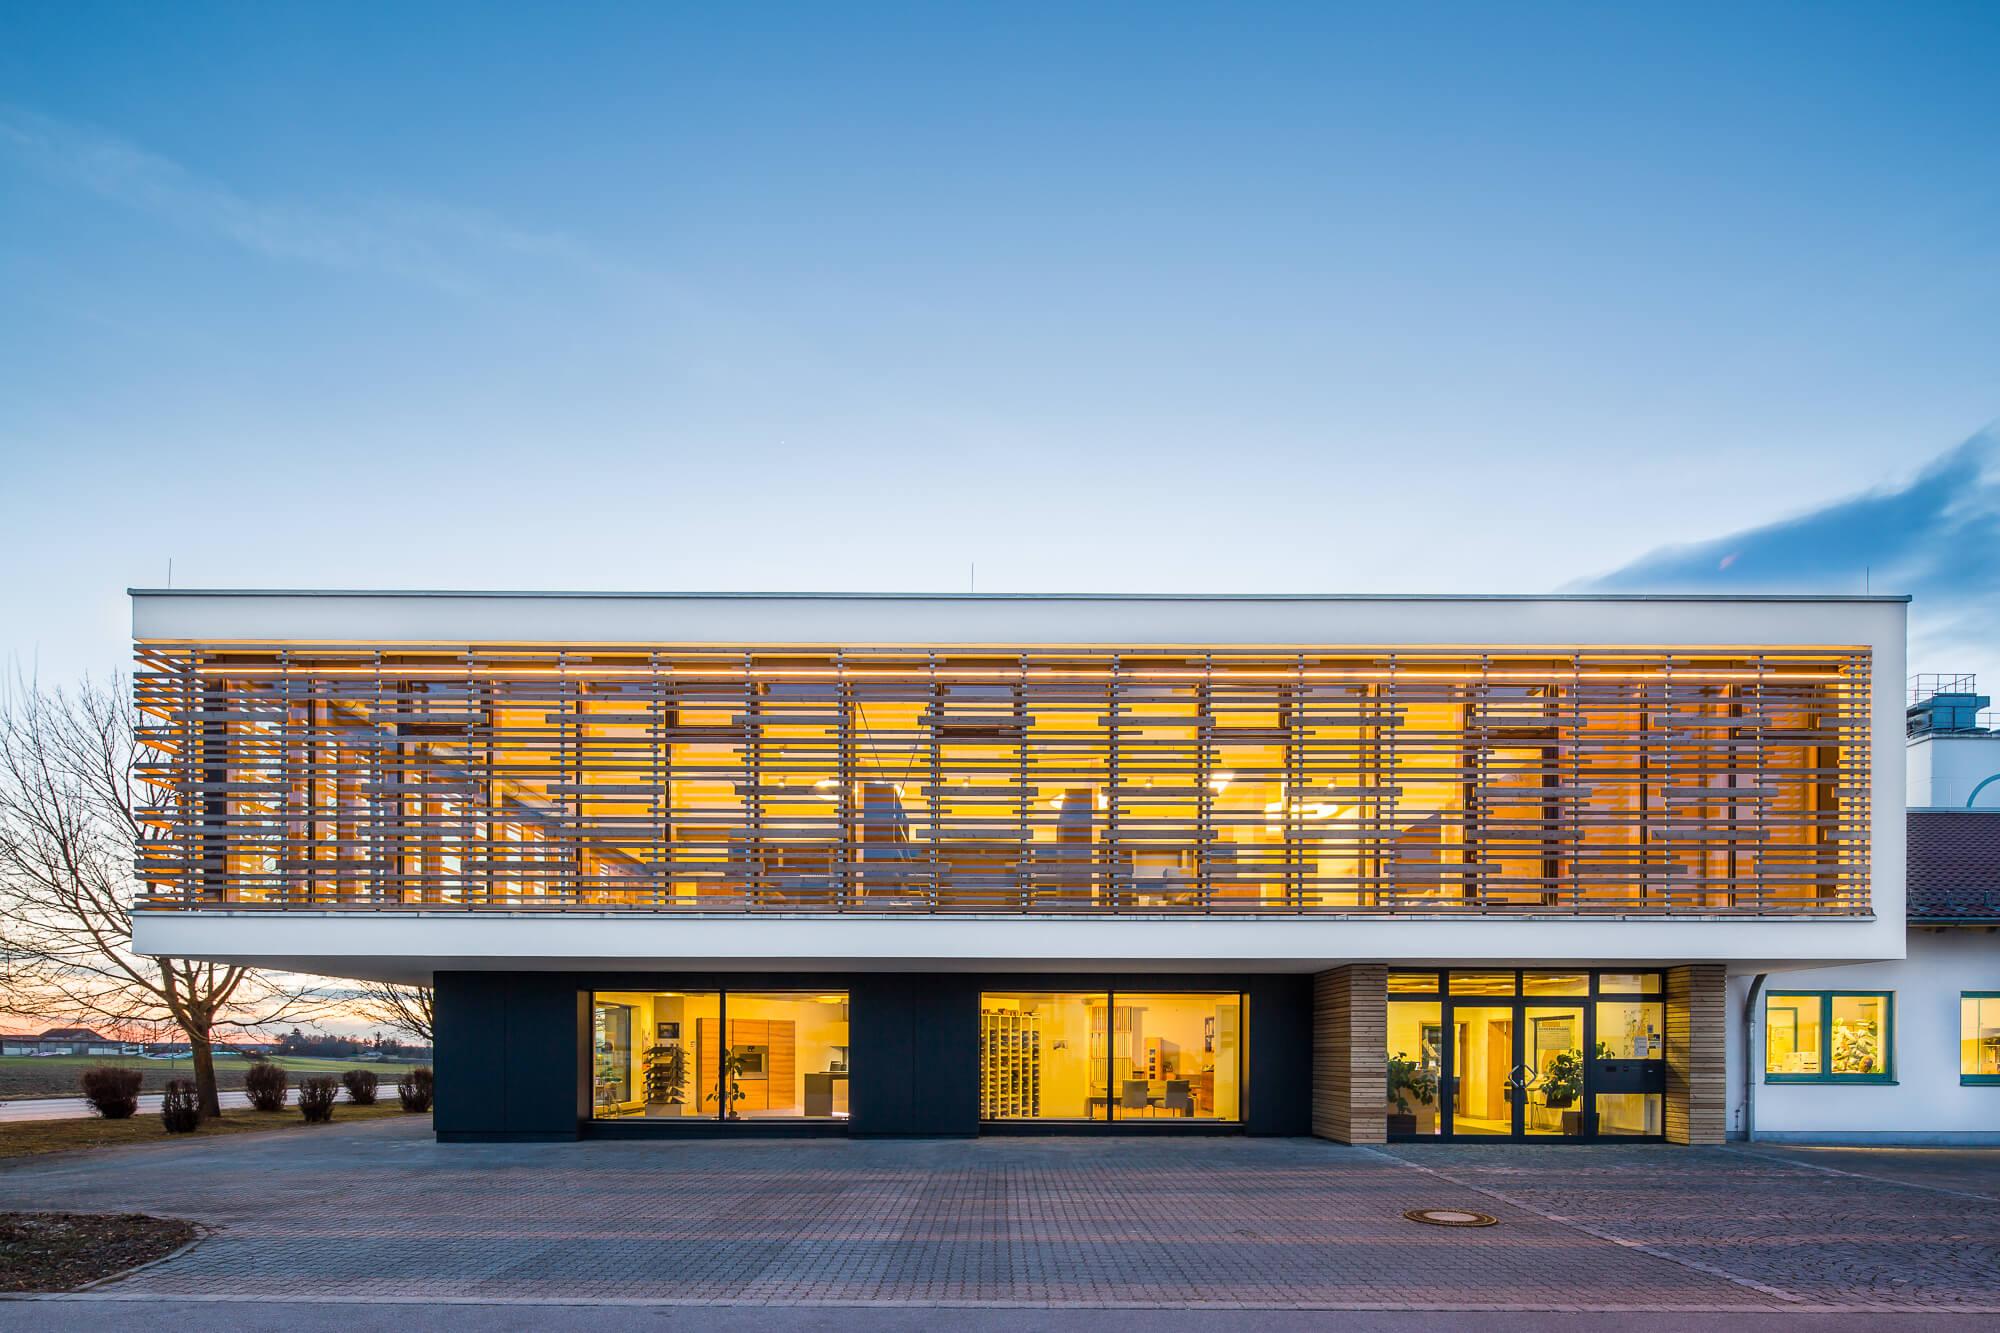 Architekturfotografie Schreinerei Lehle in Schwabmünchen, fotografiert von Werbefotograf Matthias Baumgartner